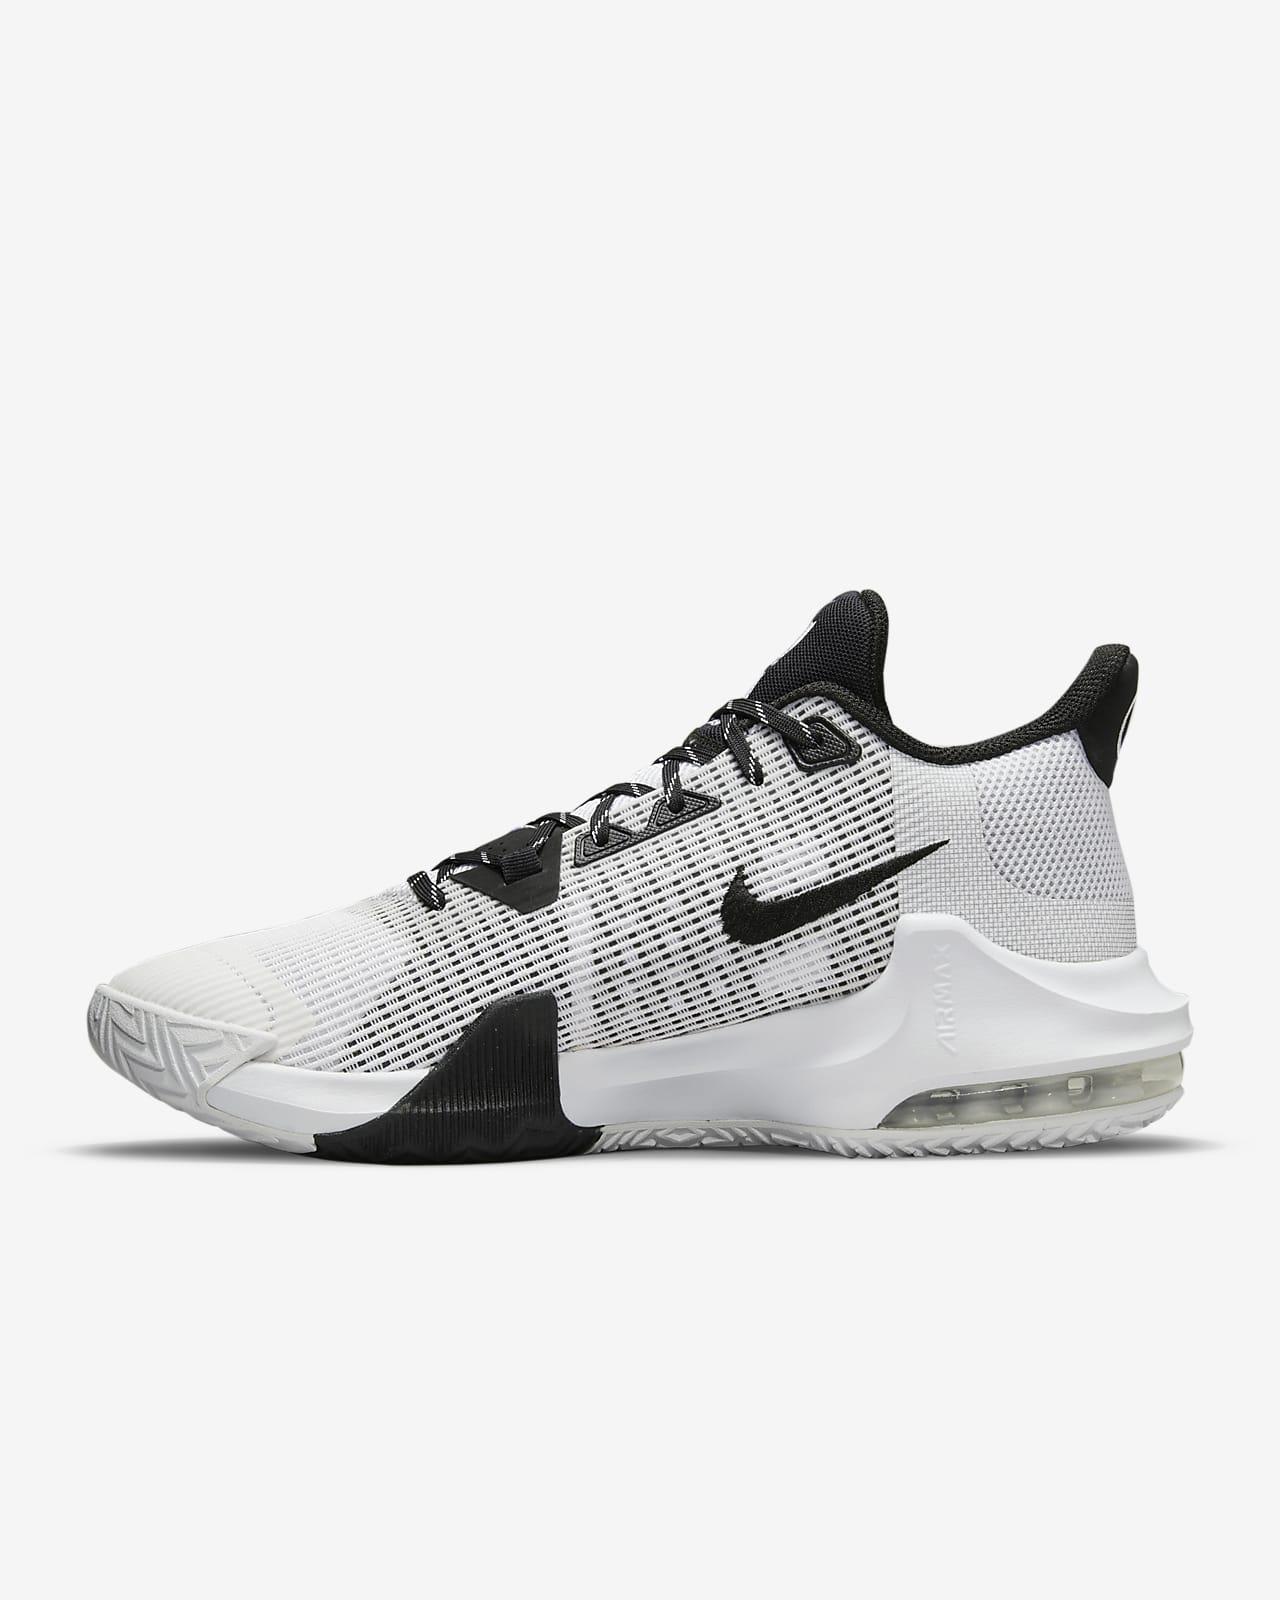 Chaussure de basketball Nike Air Max Impact 3